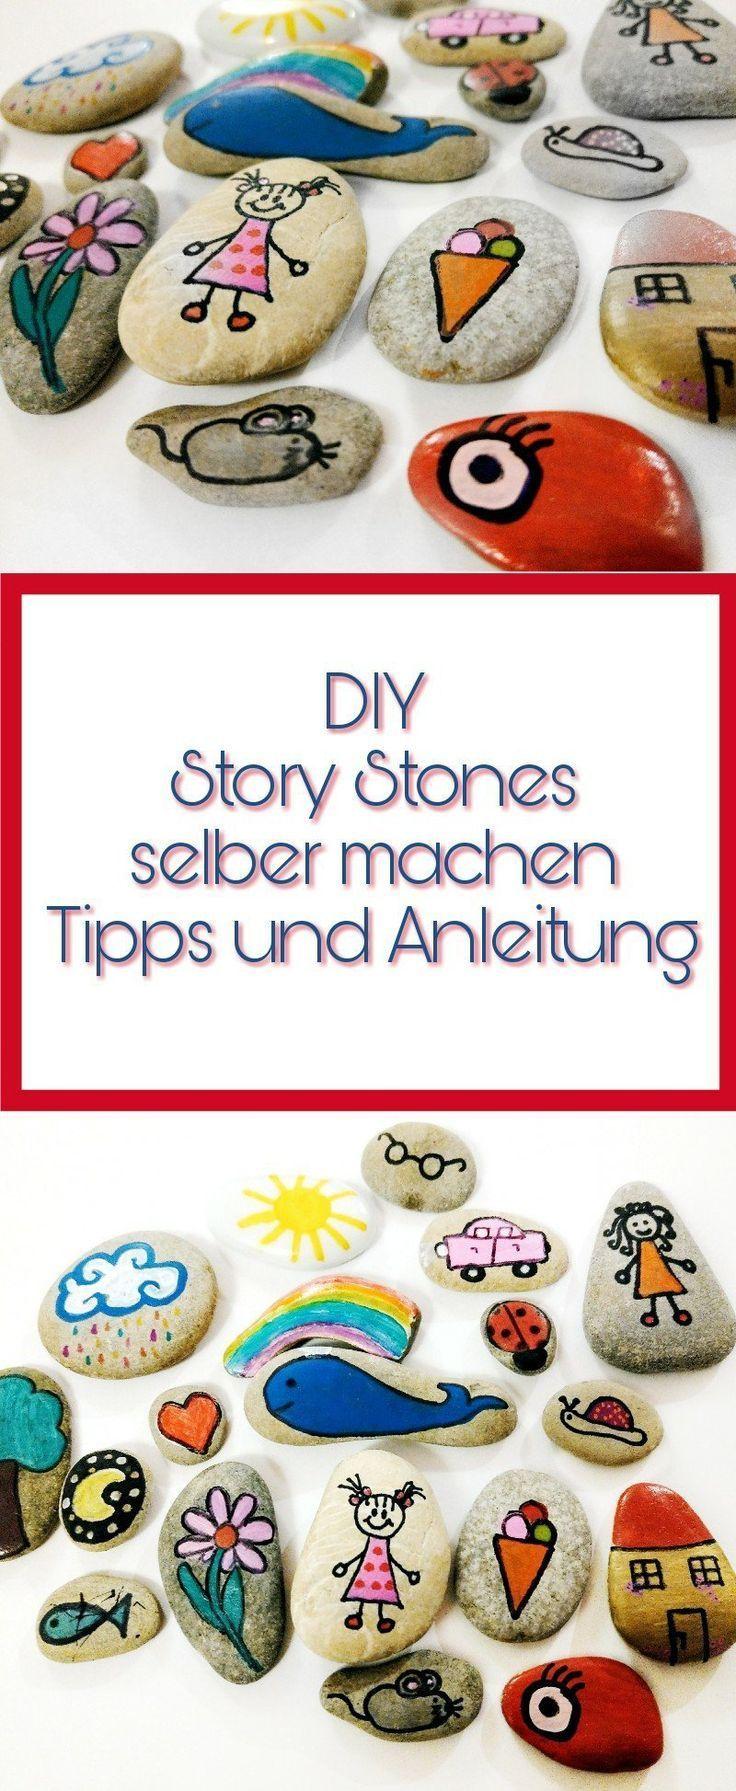 Story Stones - Erzählsteine selber machen mit Anleitung und Bildern #bemaltesteine